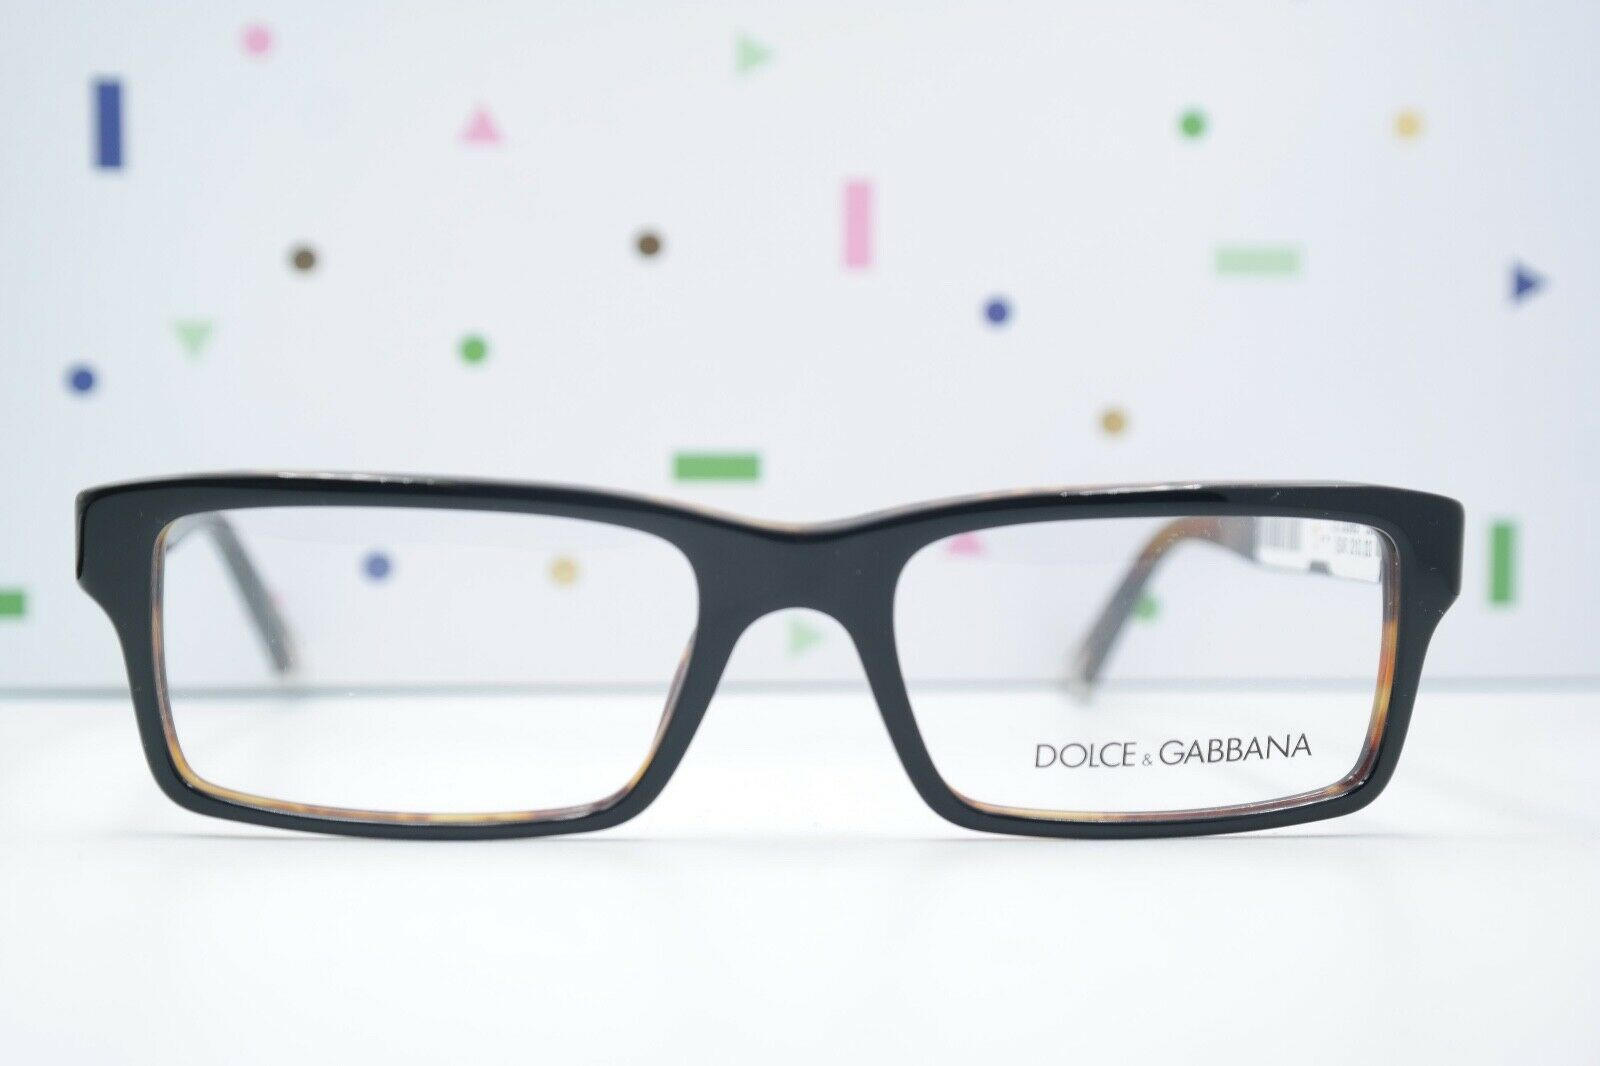 Brille Brillengestell Dolce Gabbana DG 3123 2517 schwarz Logo 52/17 140 NEU